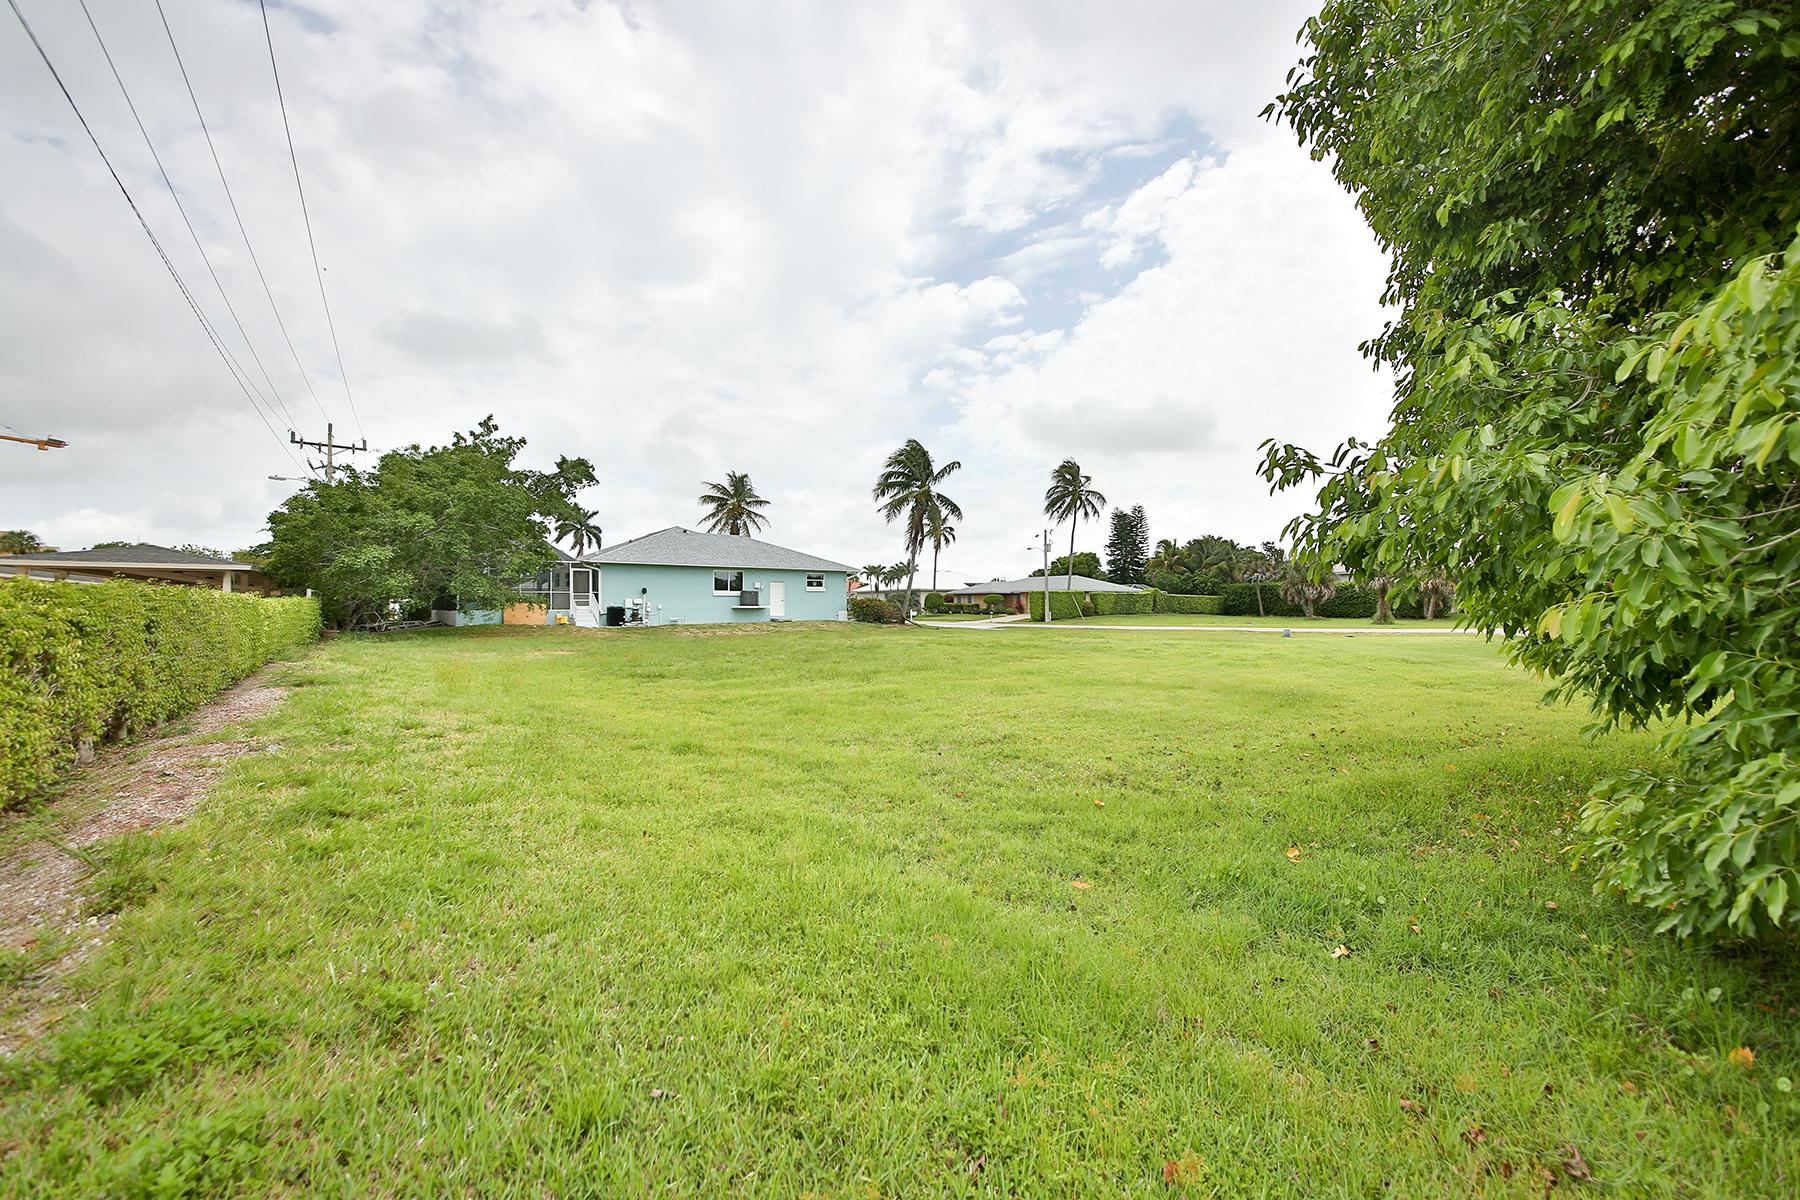 Terreno por un Venta en MARCO ISLAND 498 Fieldstone Dr Marco Island, Florida, 34145 Estados Unidos